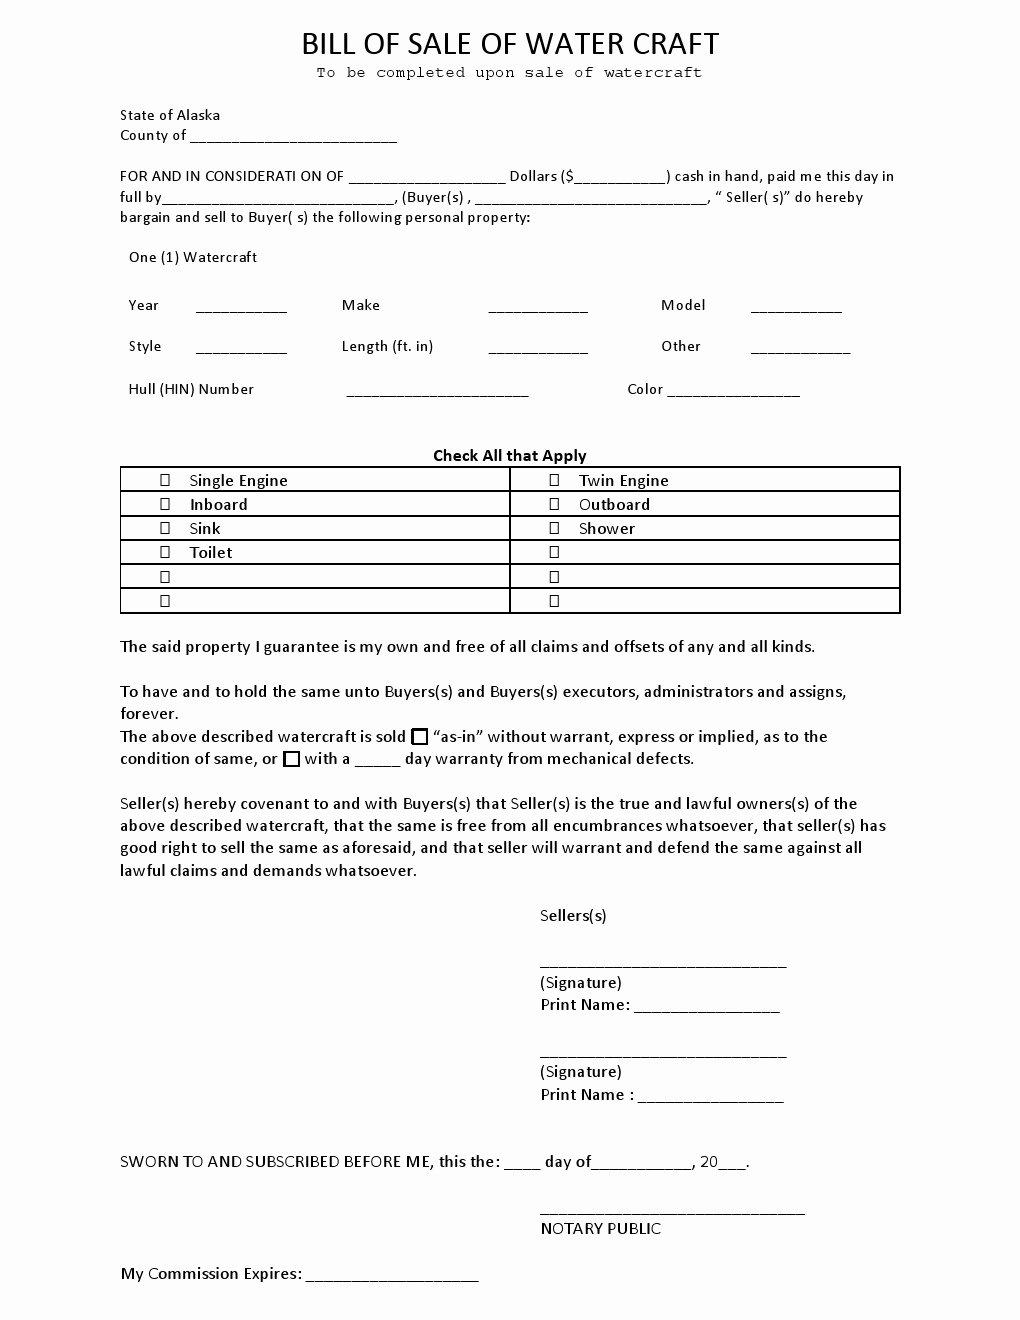 Watercraft Bill Of Sale Awesome Free Alaska Watercraft Bill Of Sale form Download Pdf